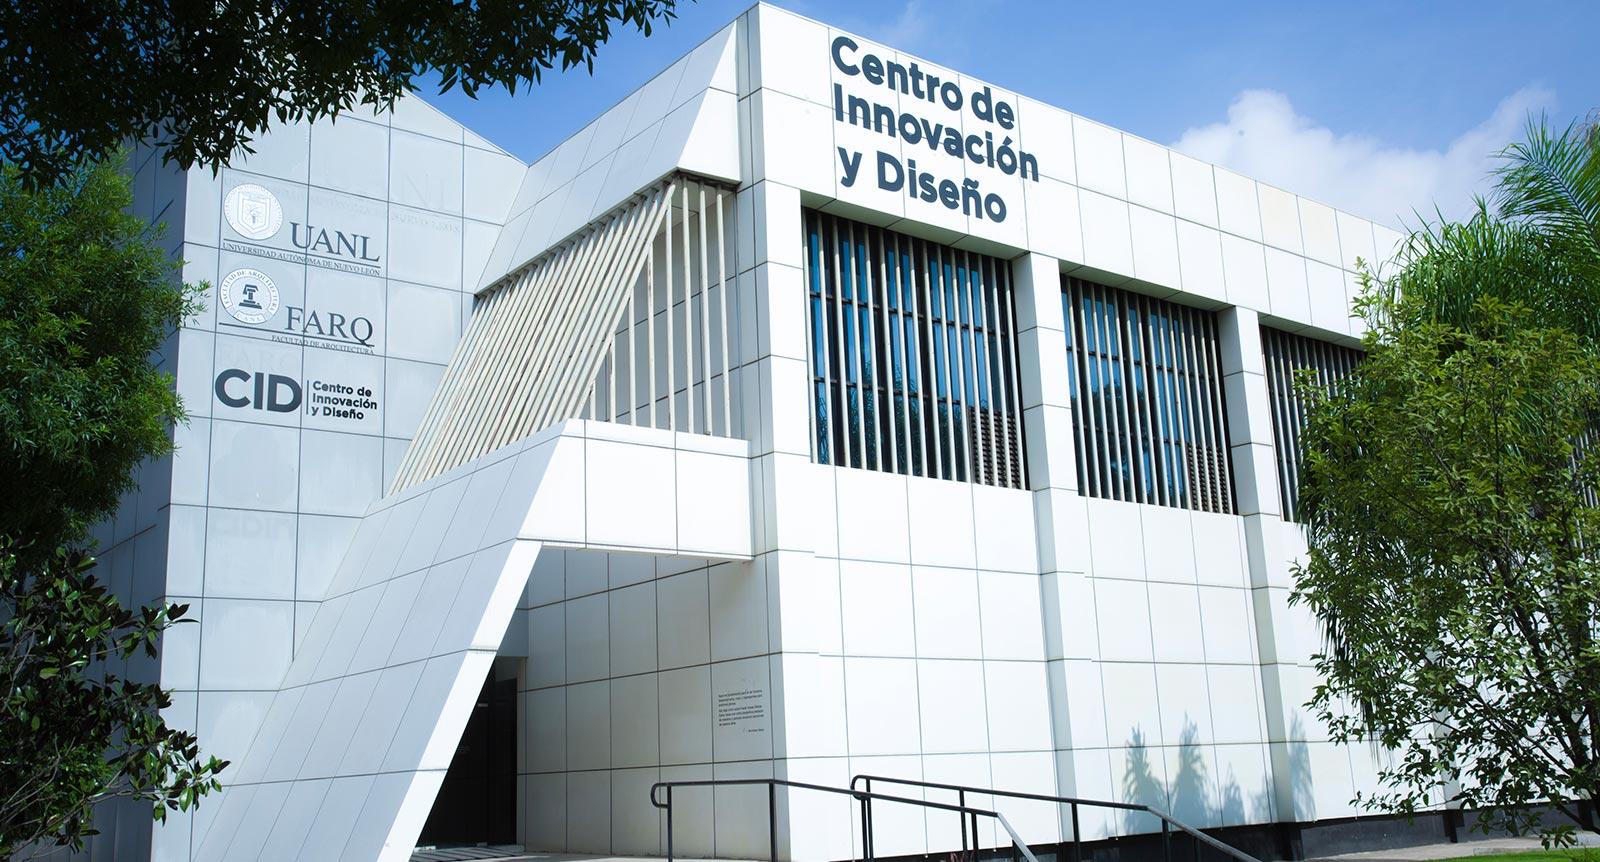 Centro de Innovación y Diseño